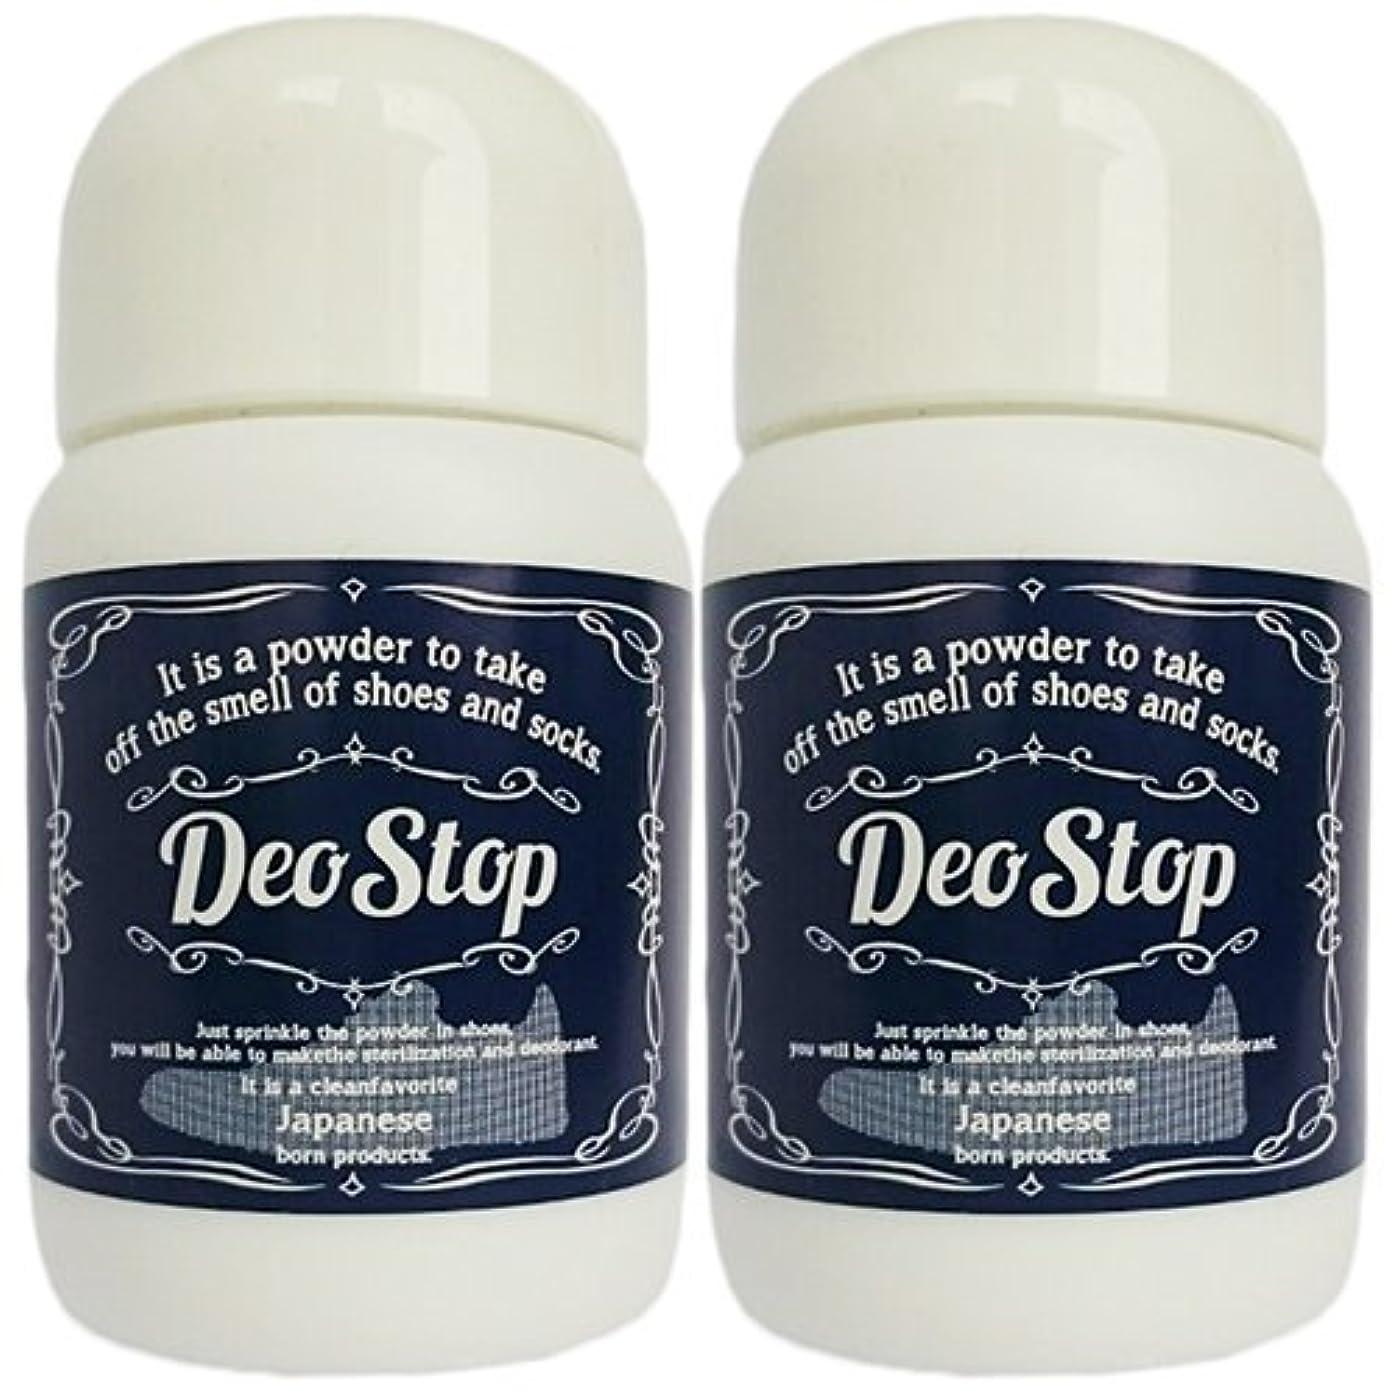 環境保護主義者スーツケーススリップシューズデオストップ(DeoStop) 靴の消臭パウダー 60g×2個セット(120g) 無香料